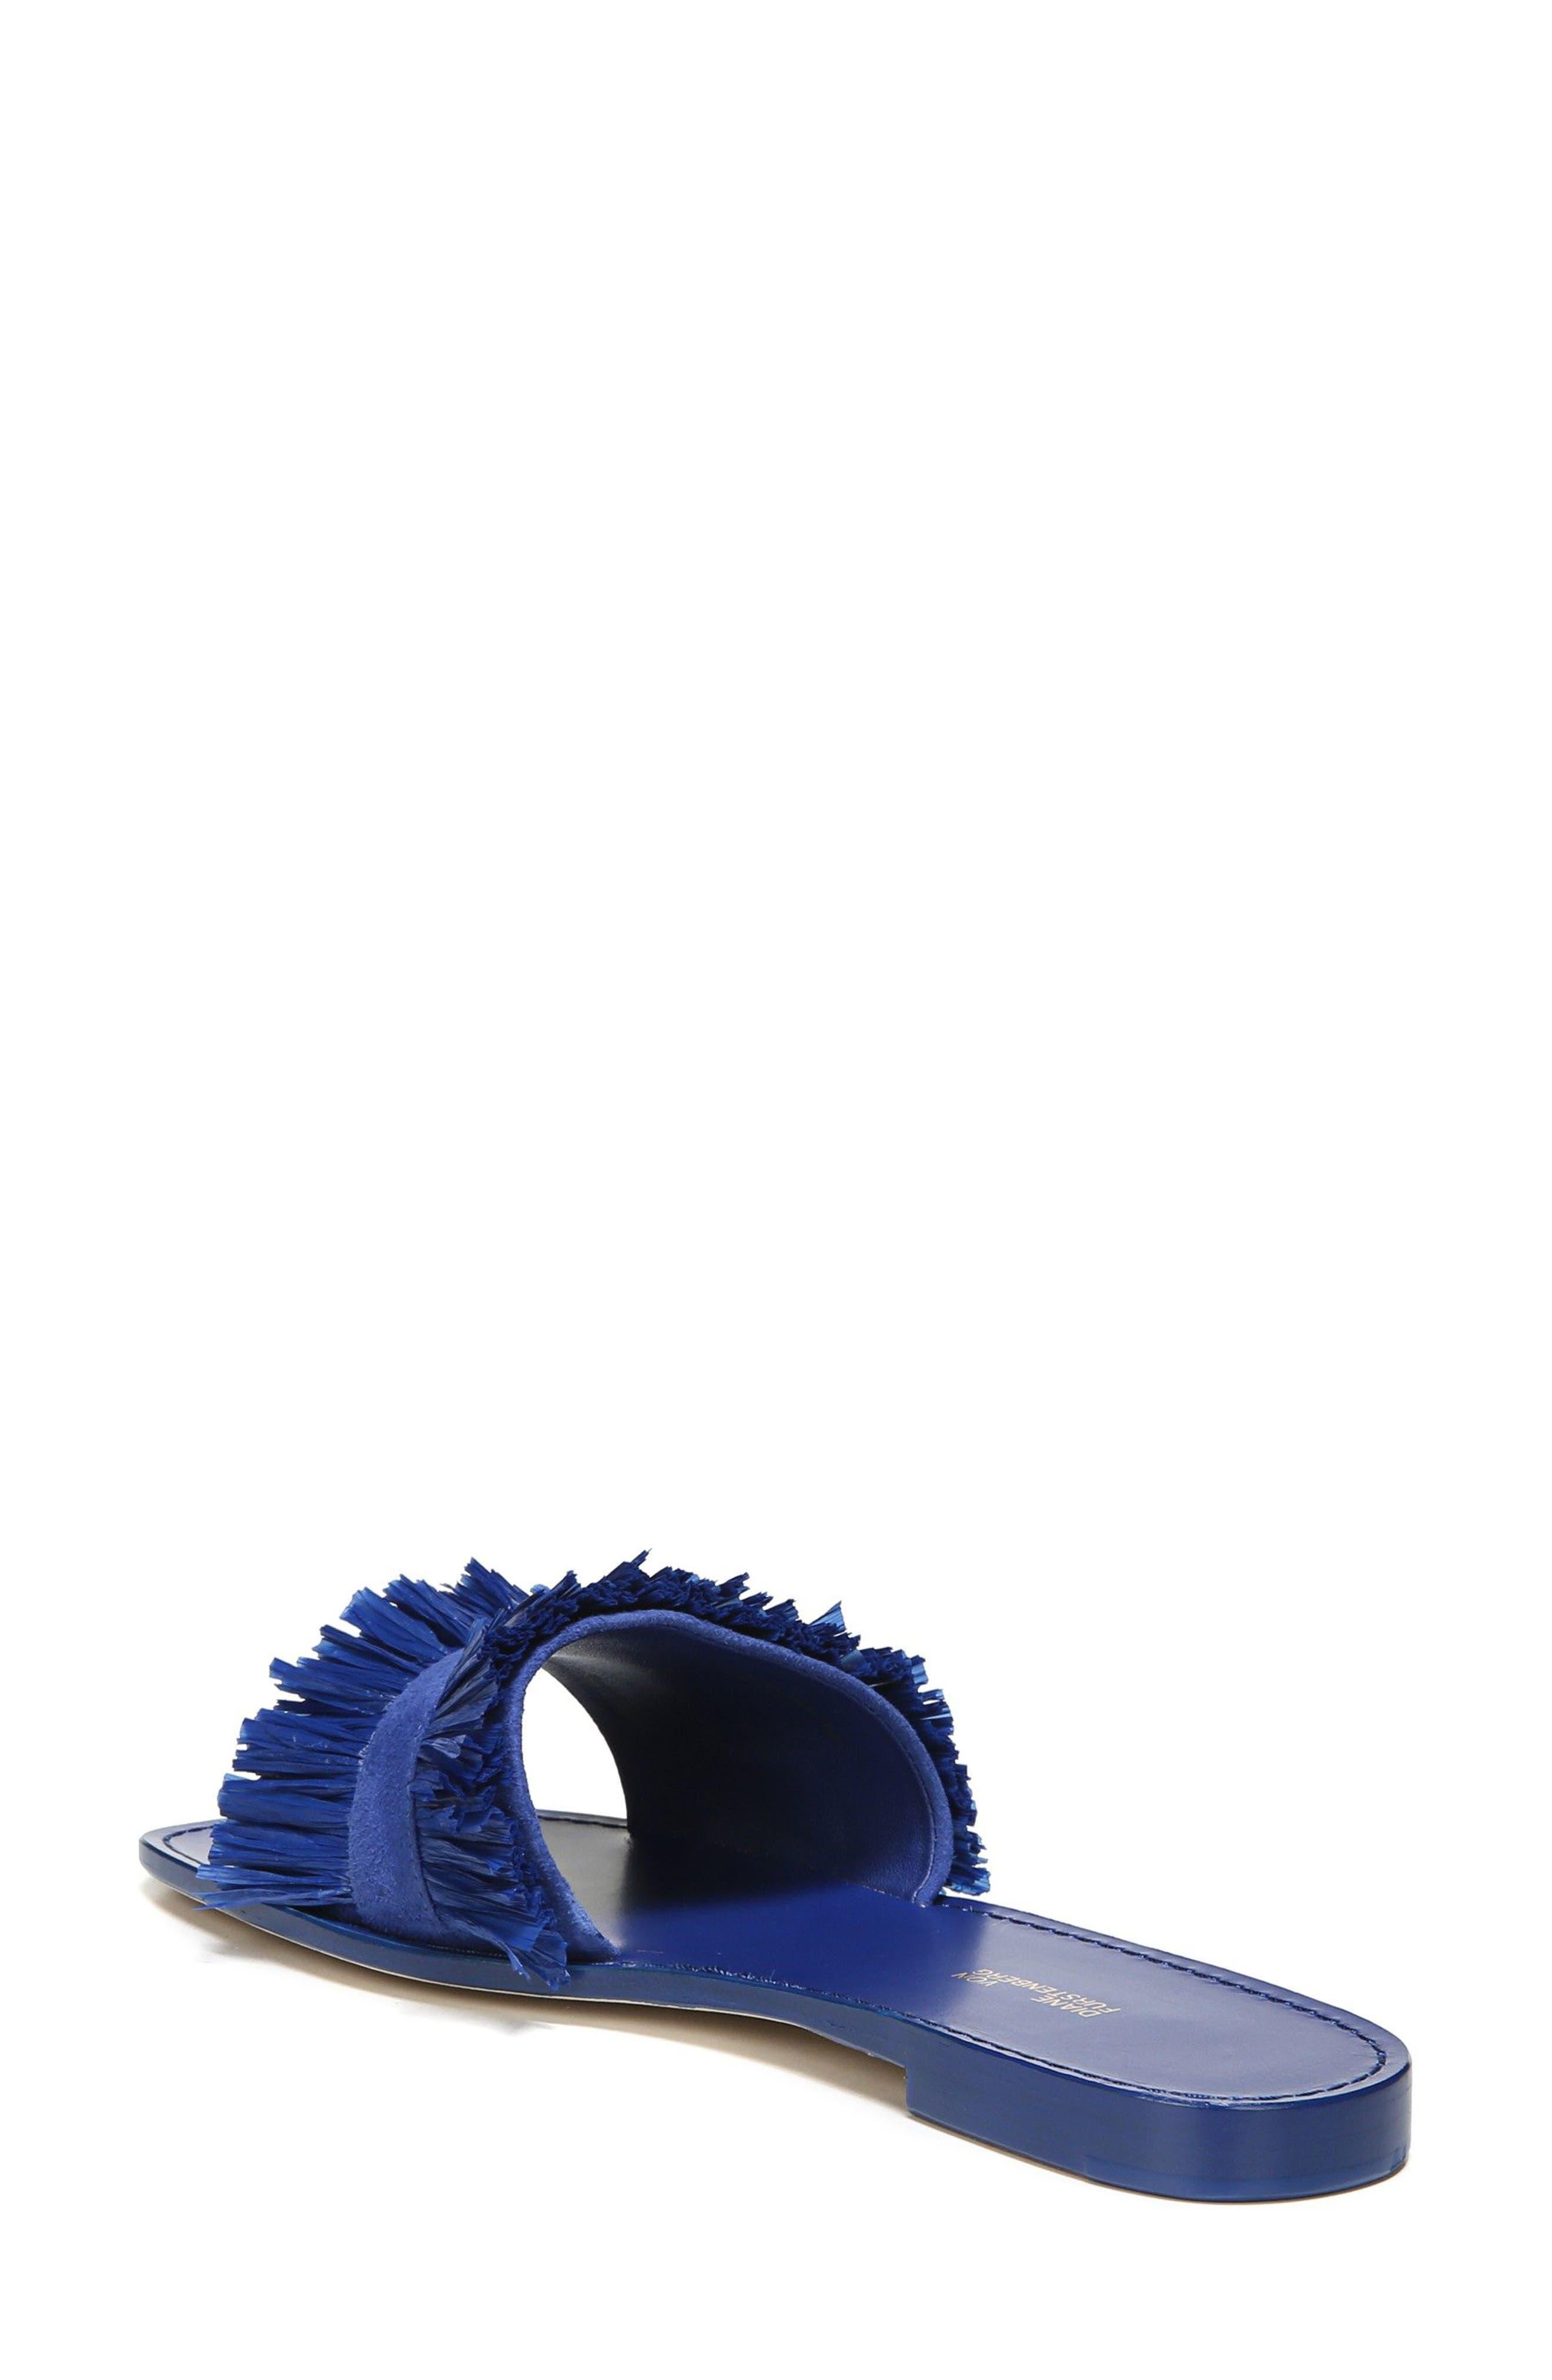 Eilat Slide Sandal,                             Alternate thumbnail 4, color,